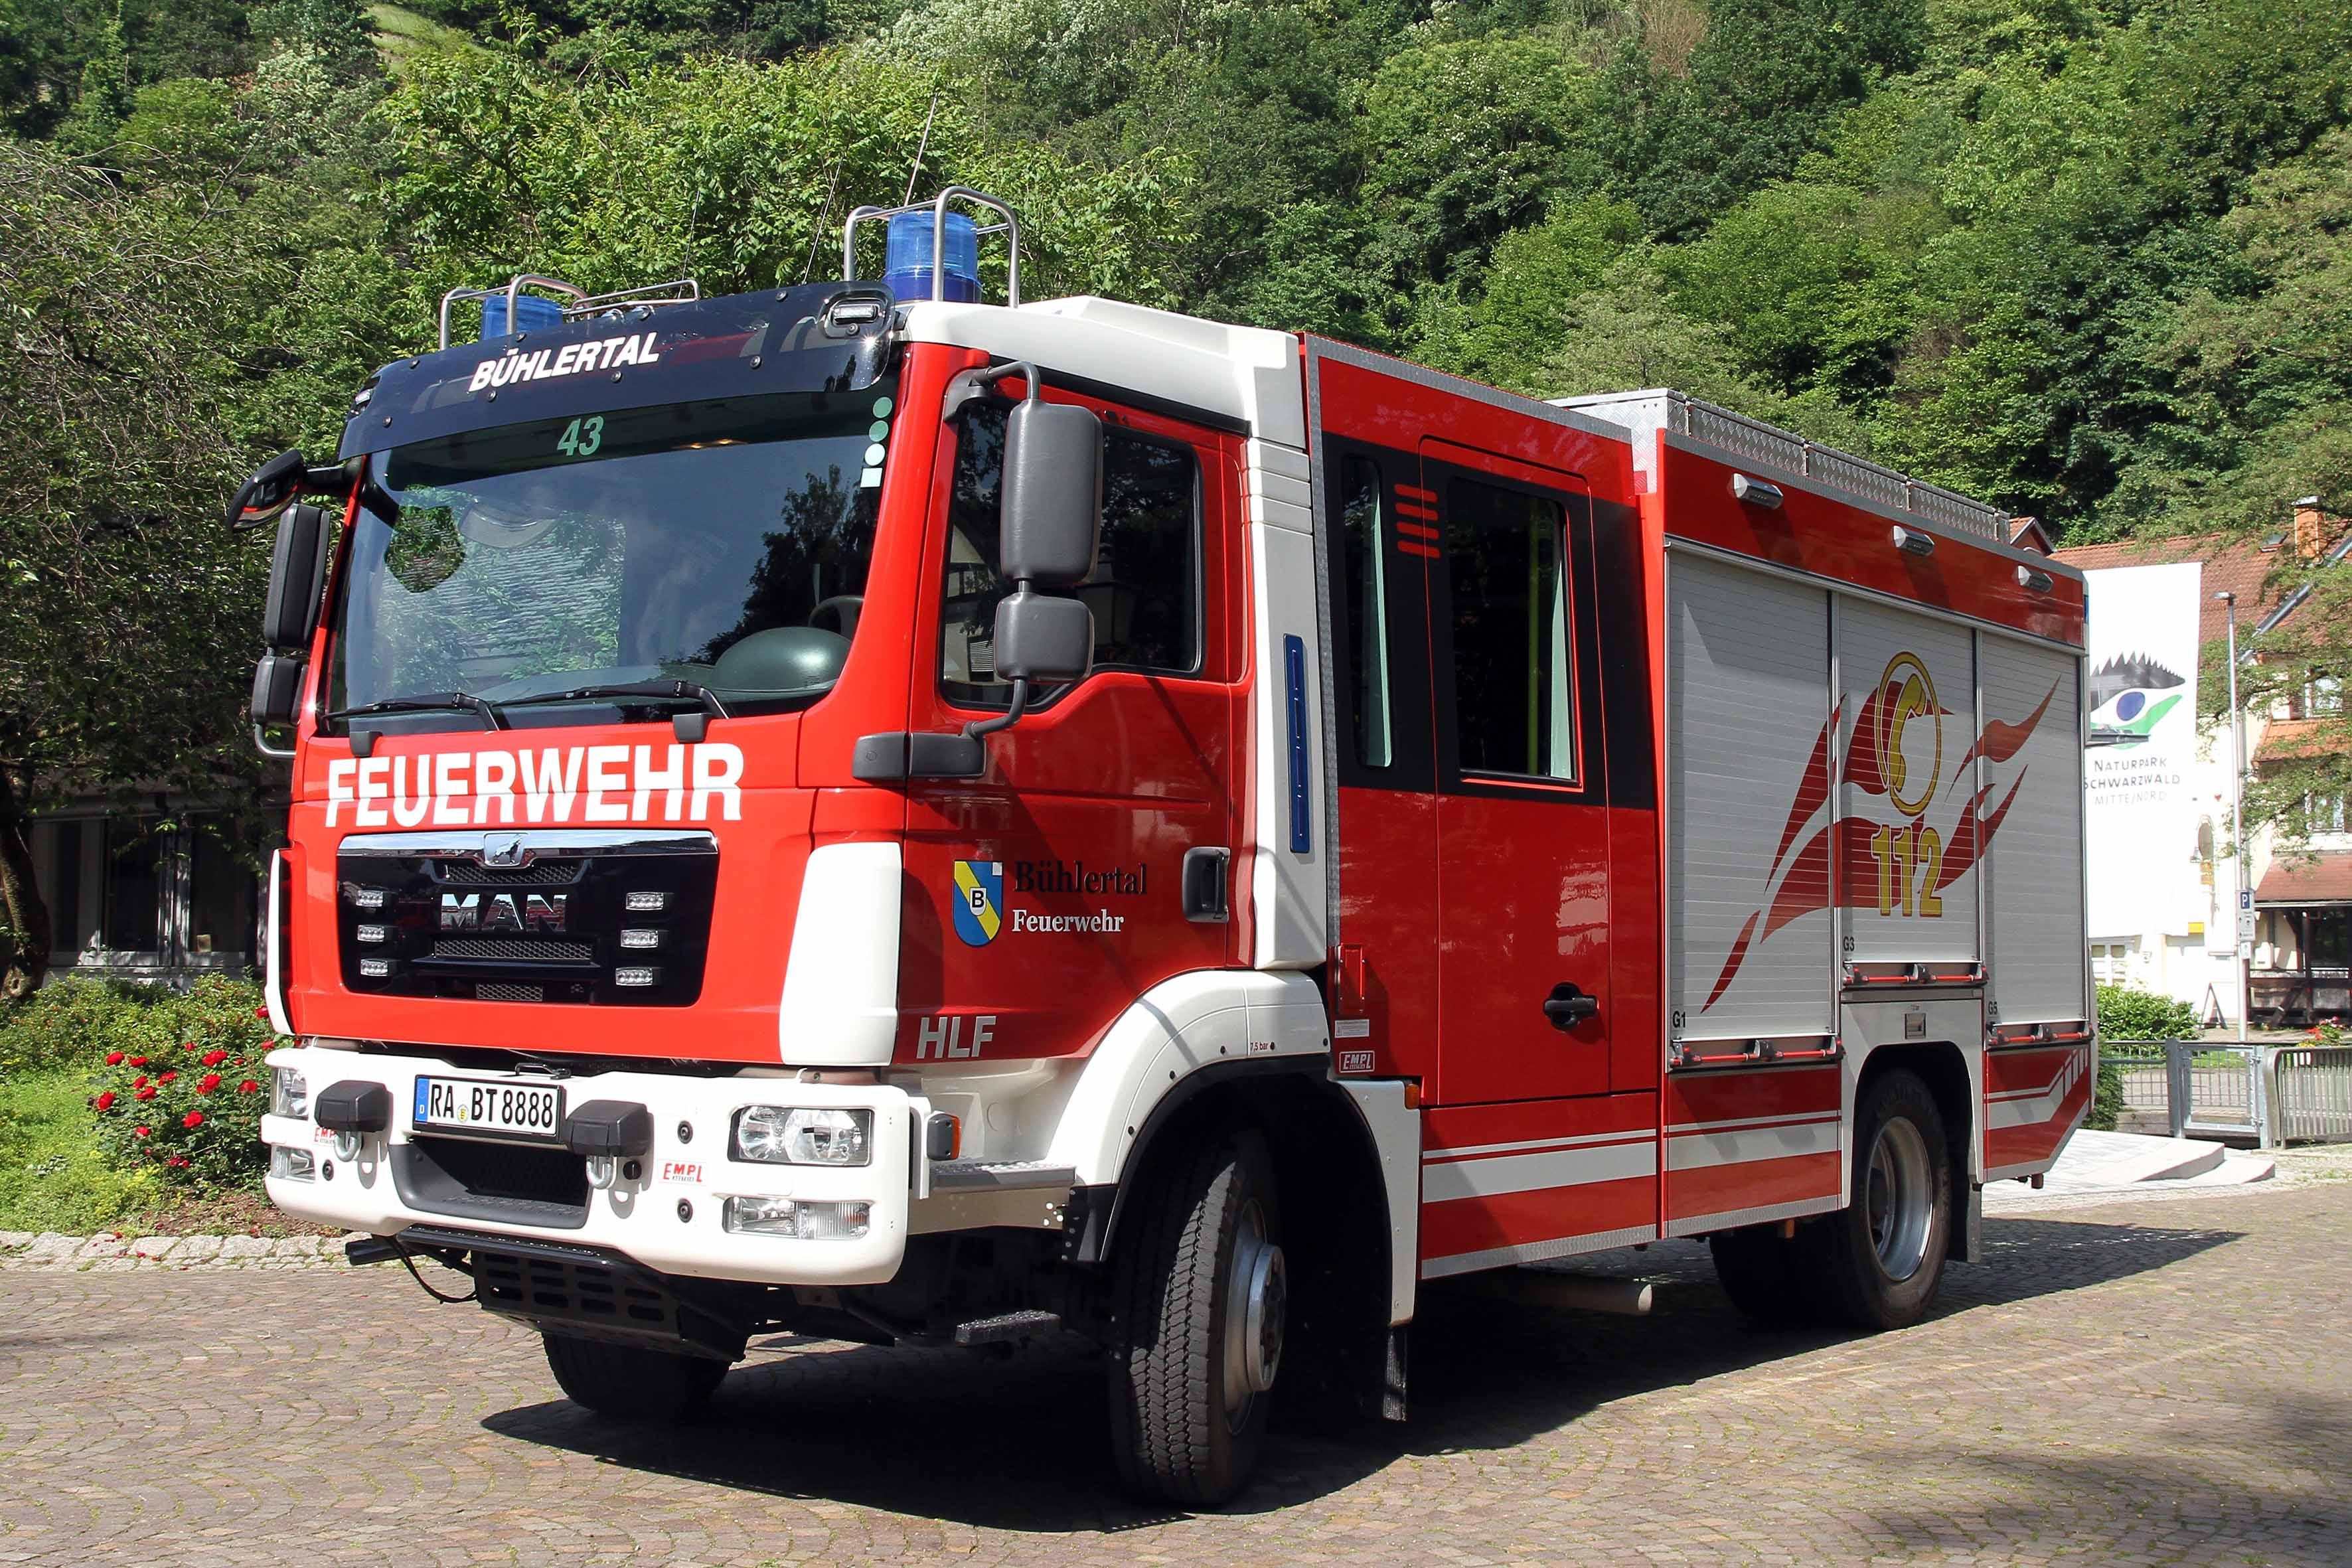 Feuerwehr Bühlertal